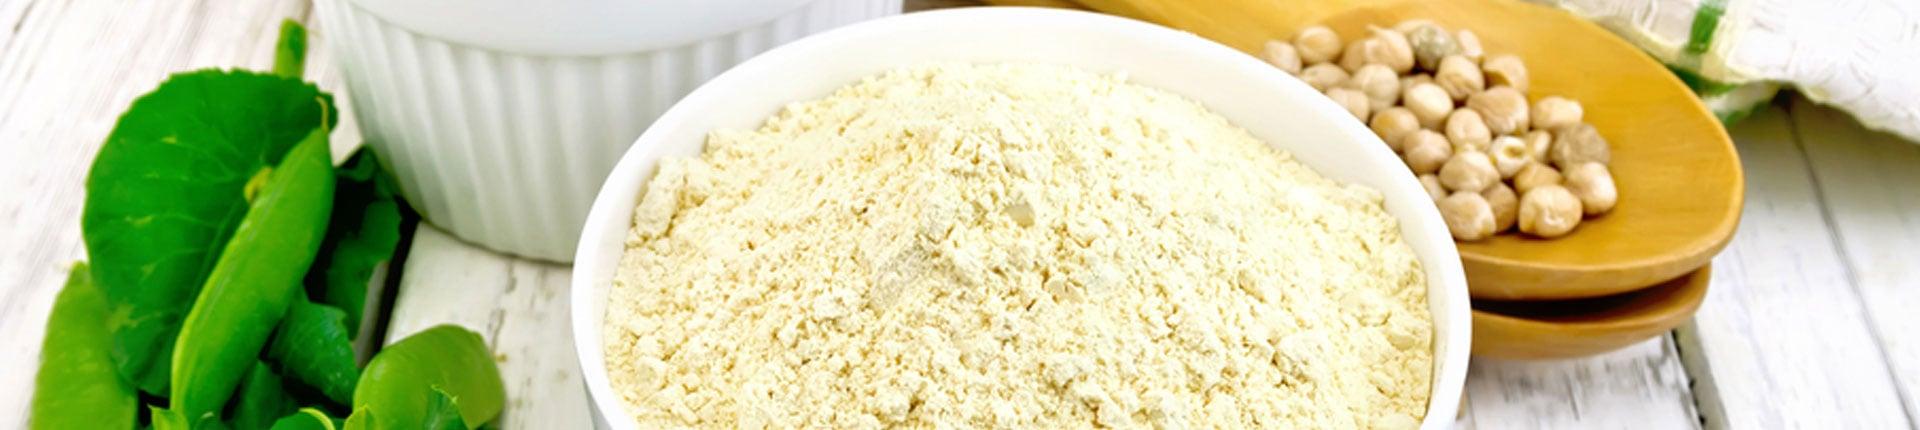 Czy warto stosować białko z grochu?